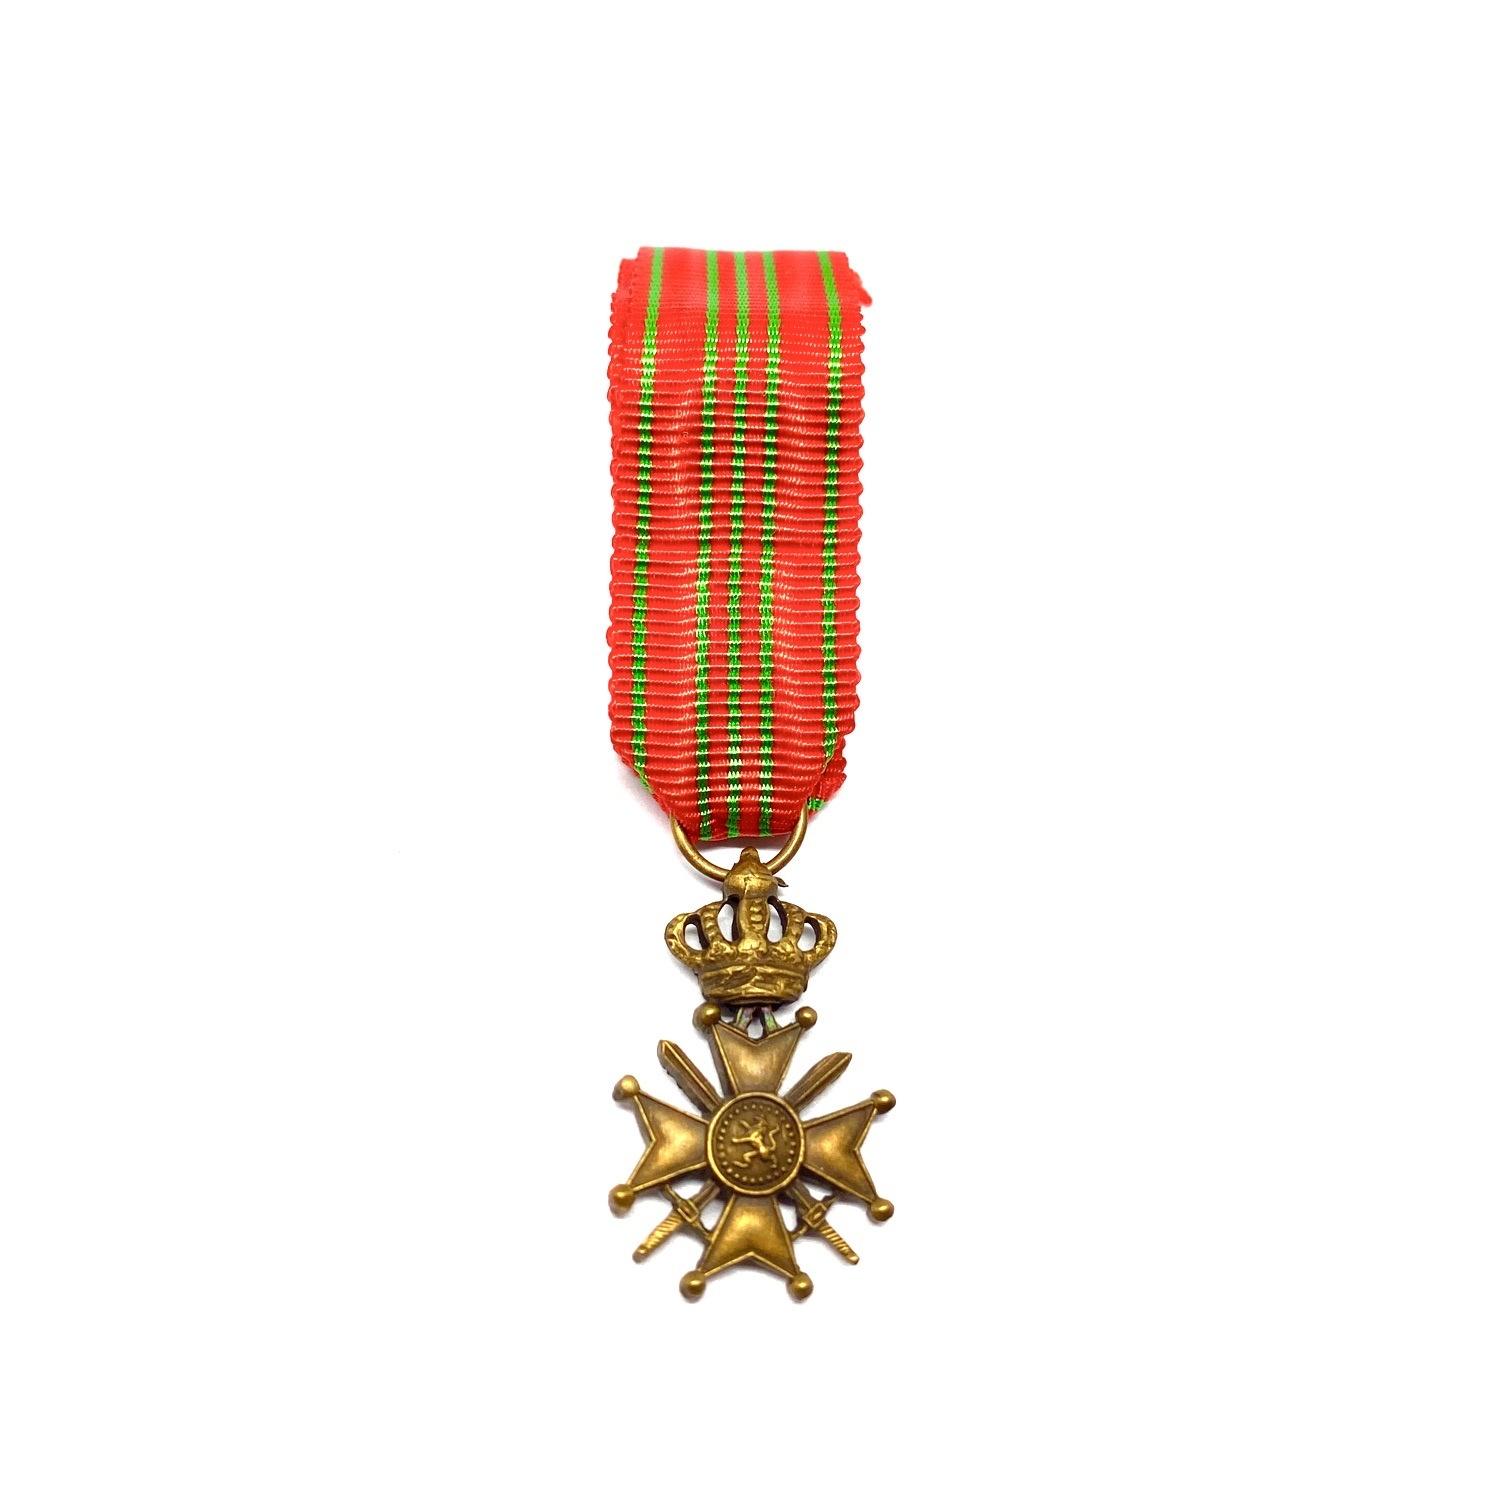 Ereteken Oorlogskruis 1914-1918